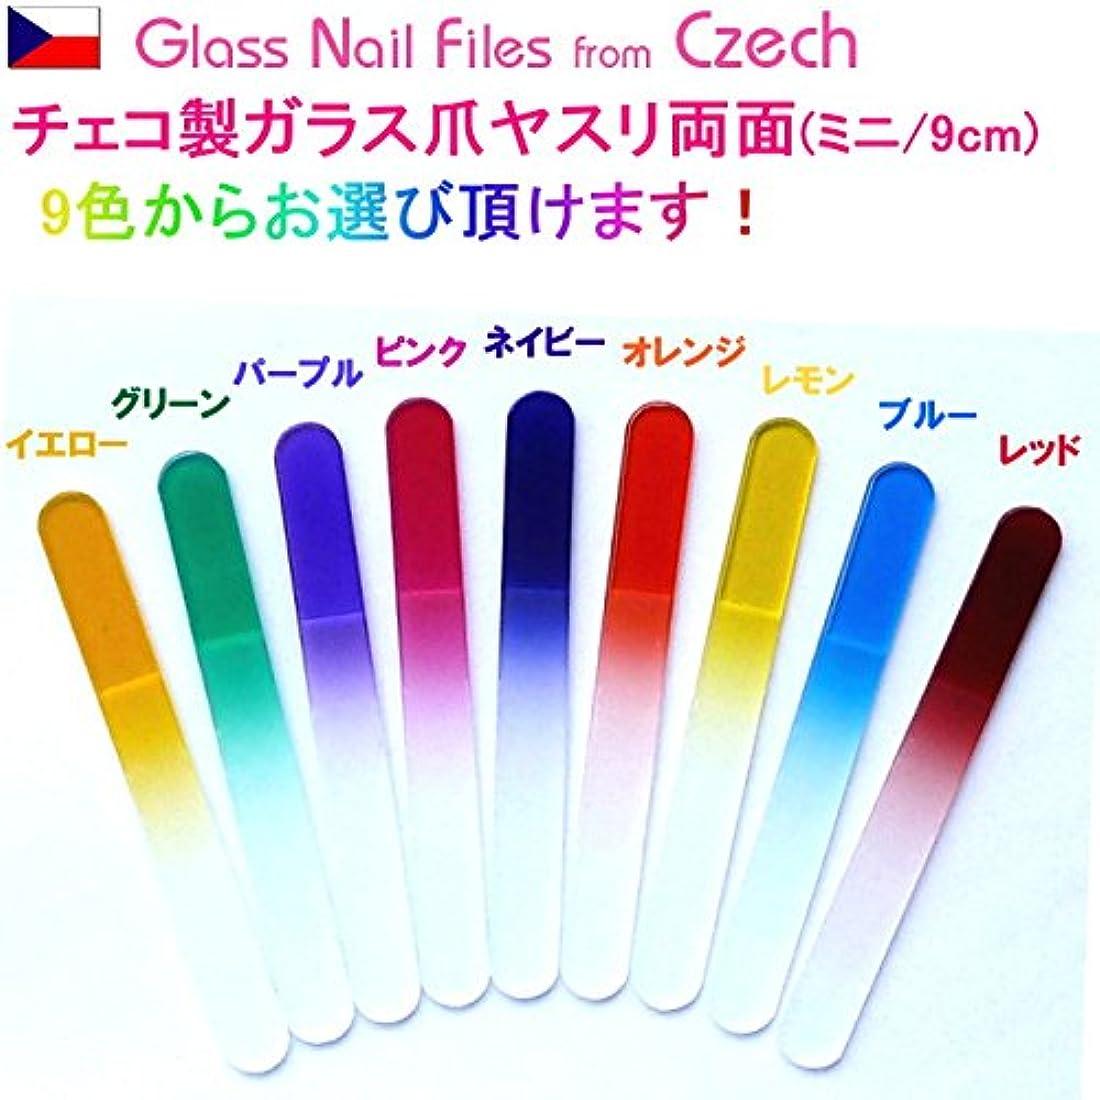 冷ややかな唯物論スナッチBISON チェコ製ガラス爪ヤスリ 9cm SR ミニ両面仕上げ ブルー